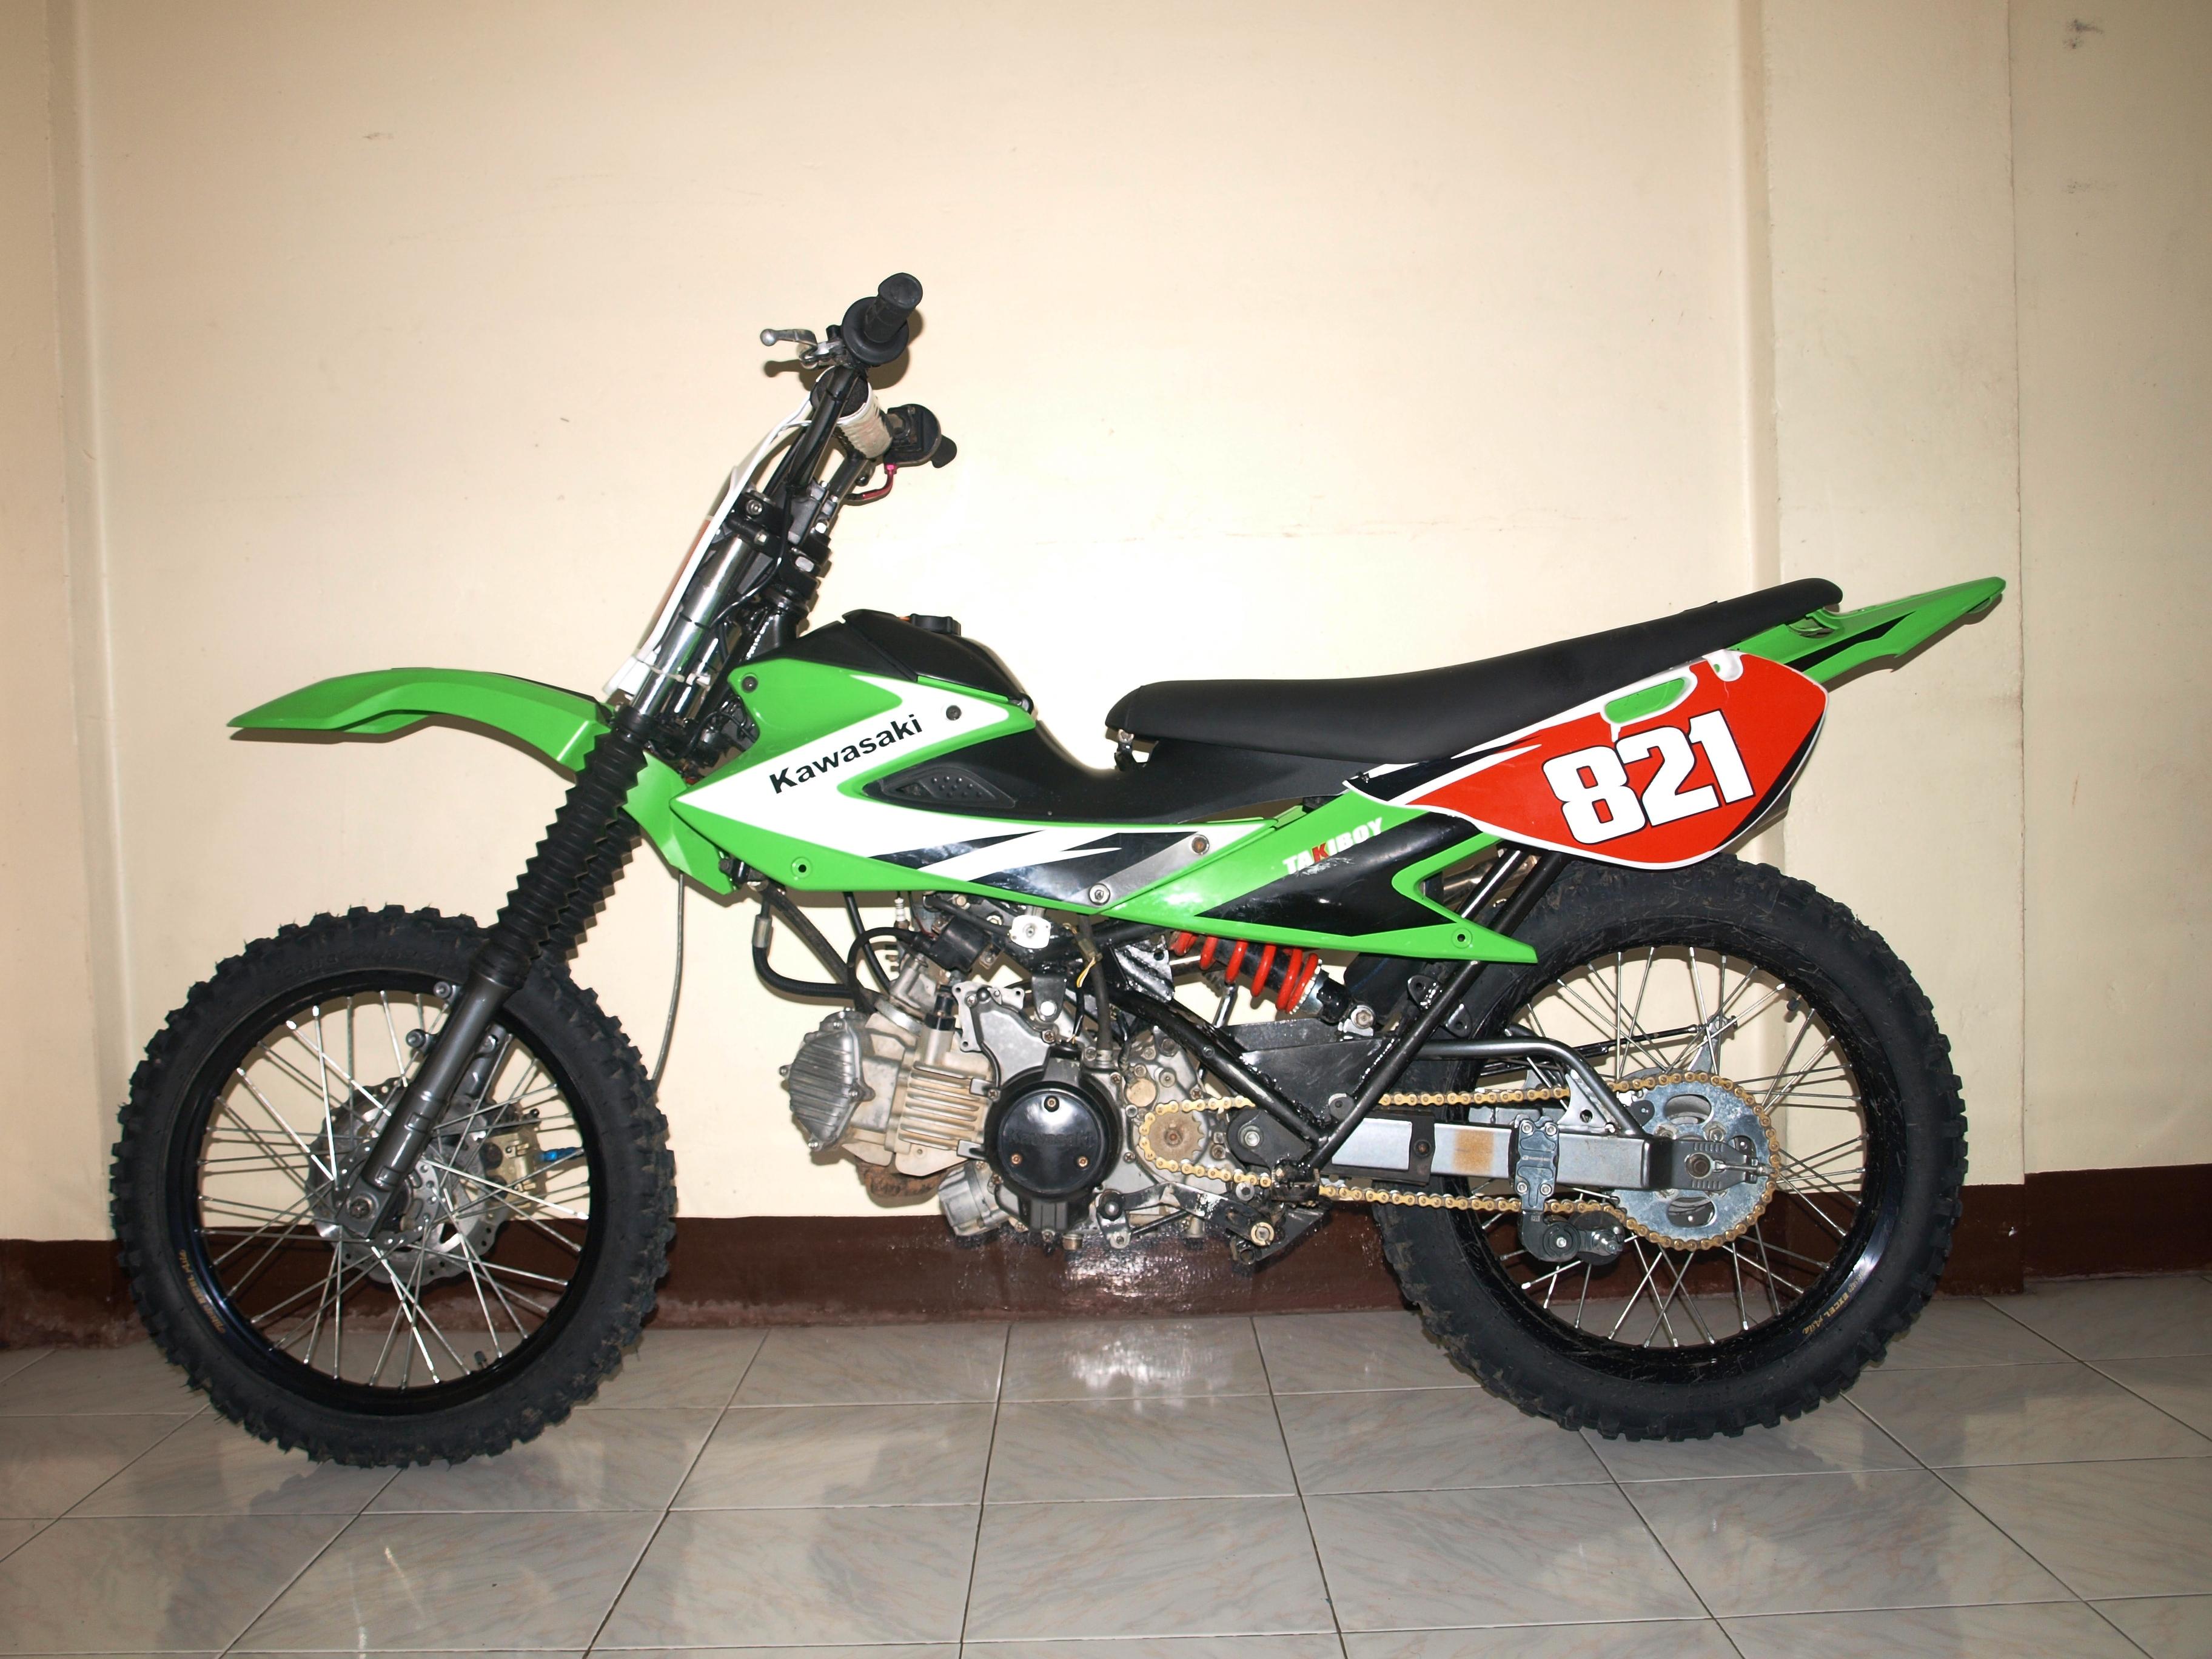 Kawasaki Fury 125 Dirt Bike